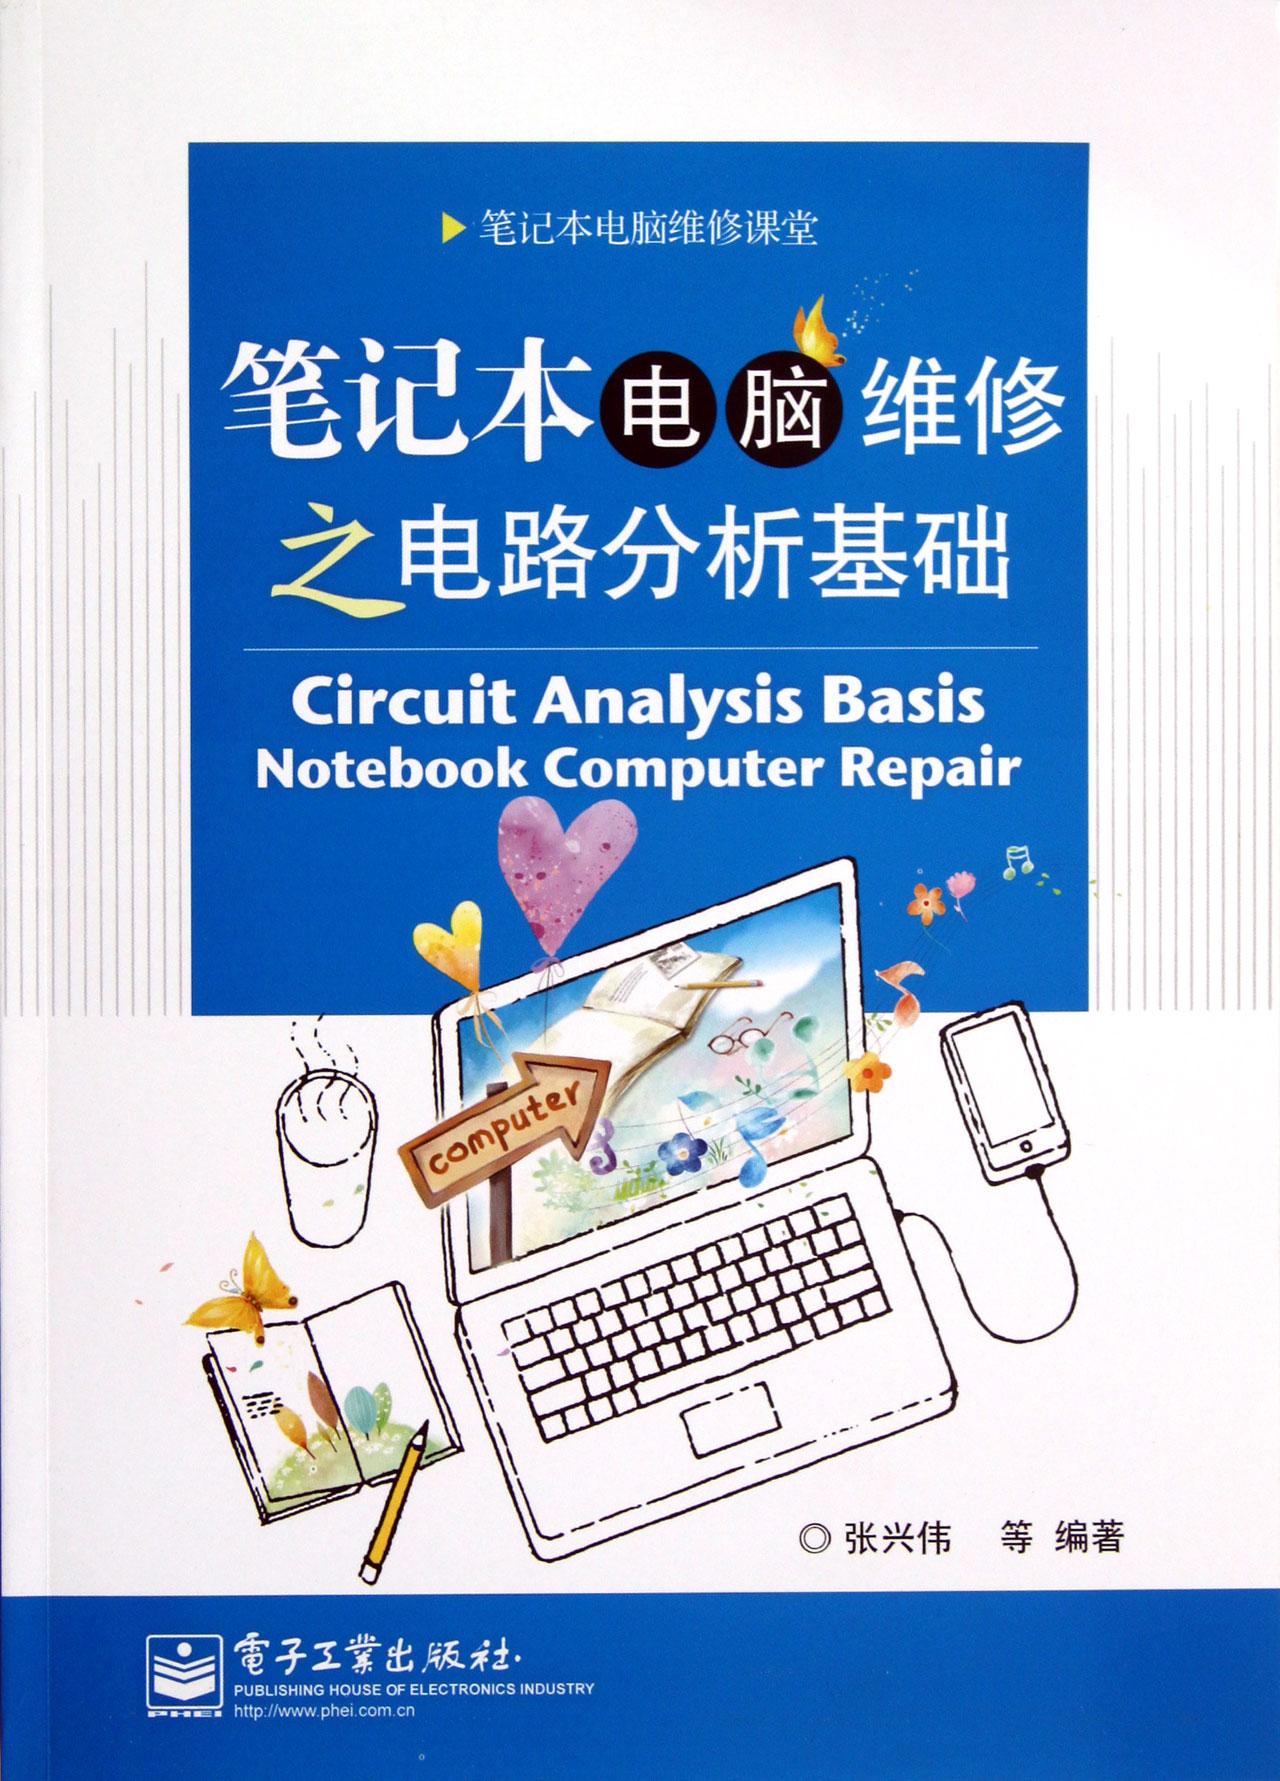 笔记本电脑维修之电路分析基础(笔记本电脑维修课堂)